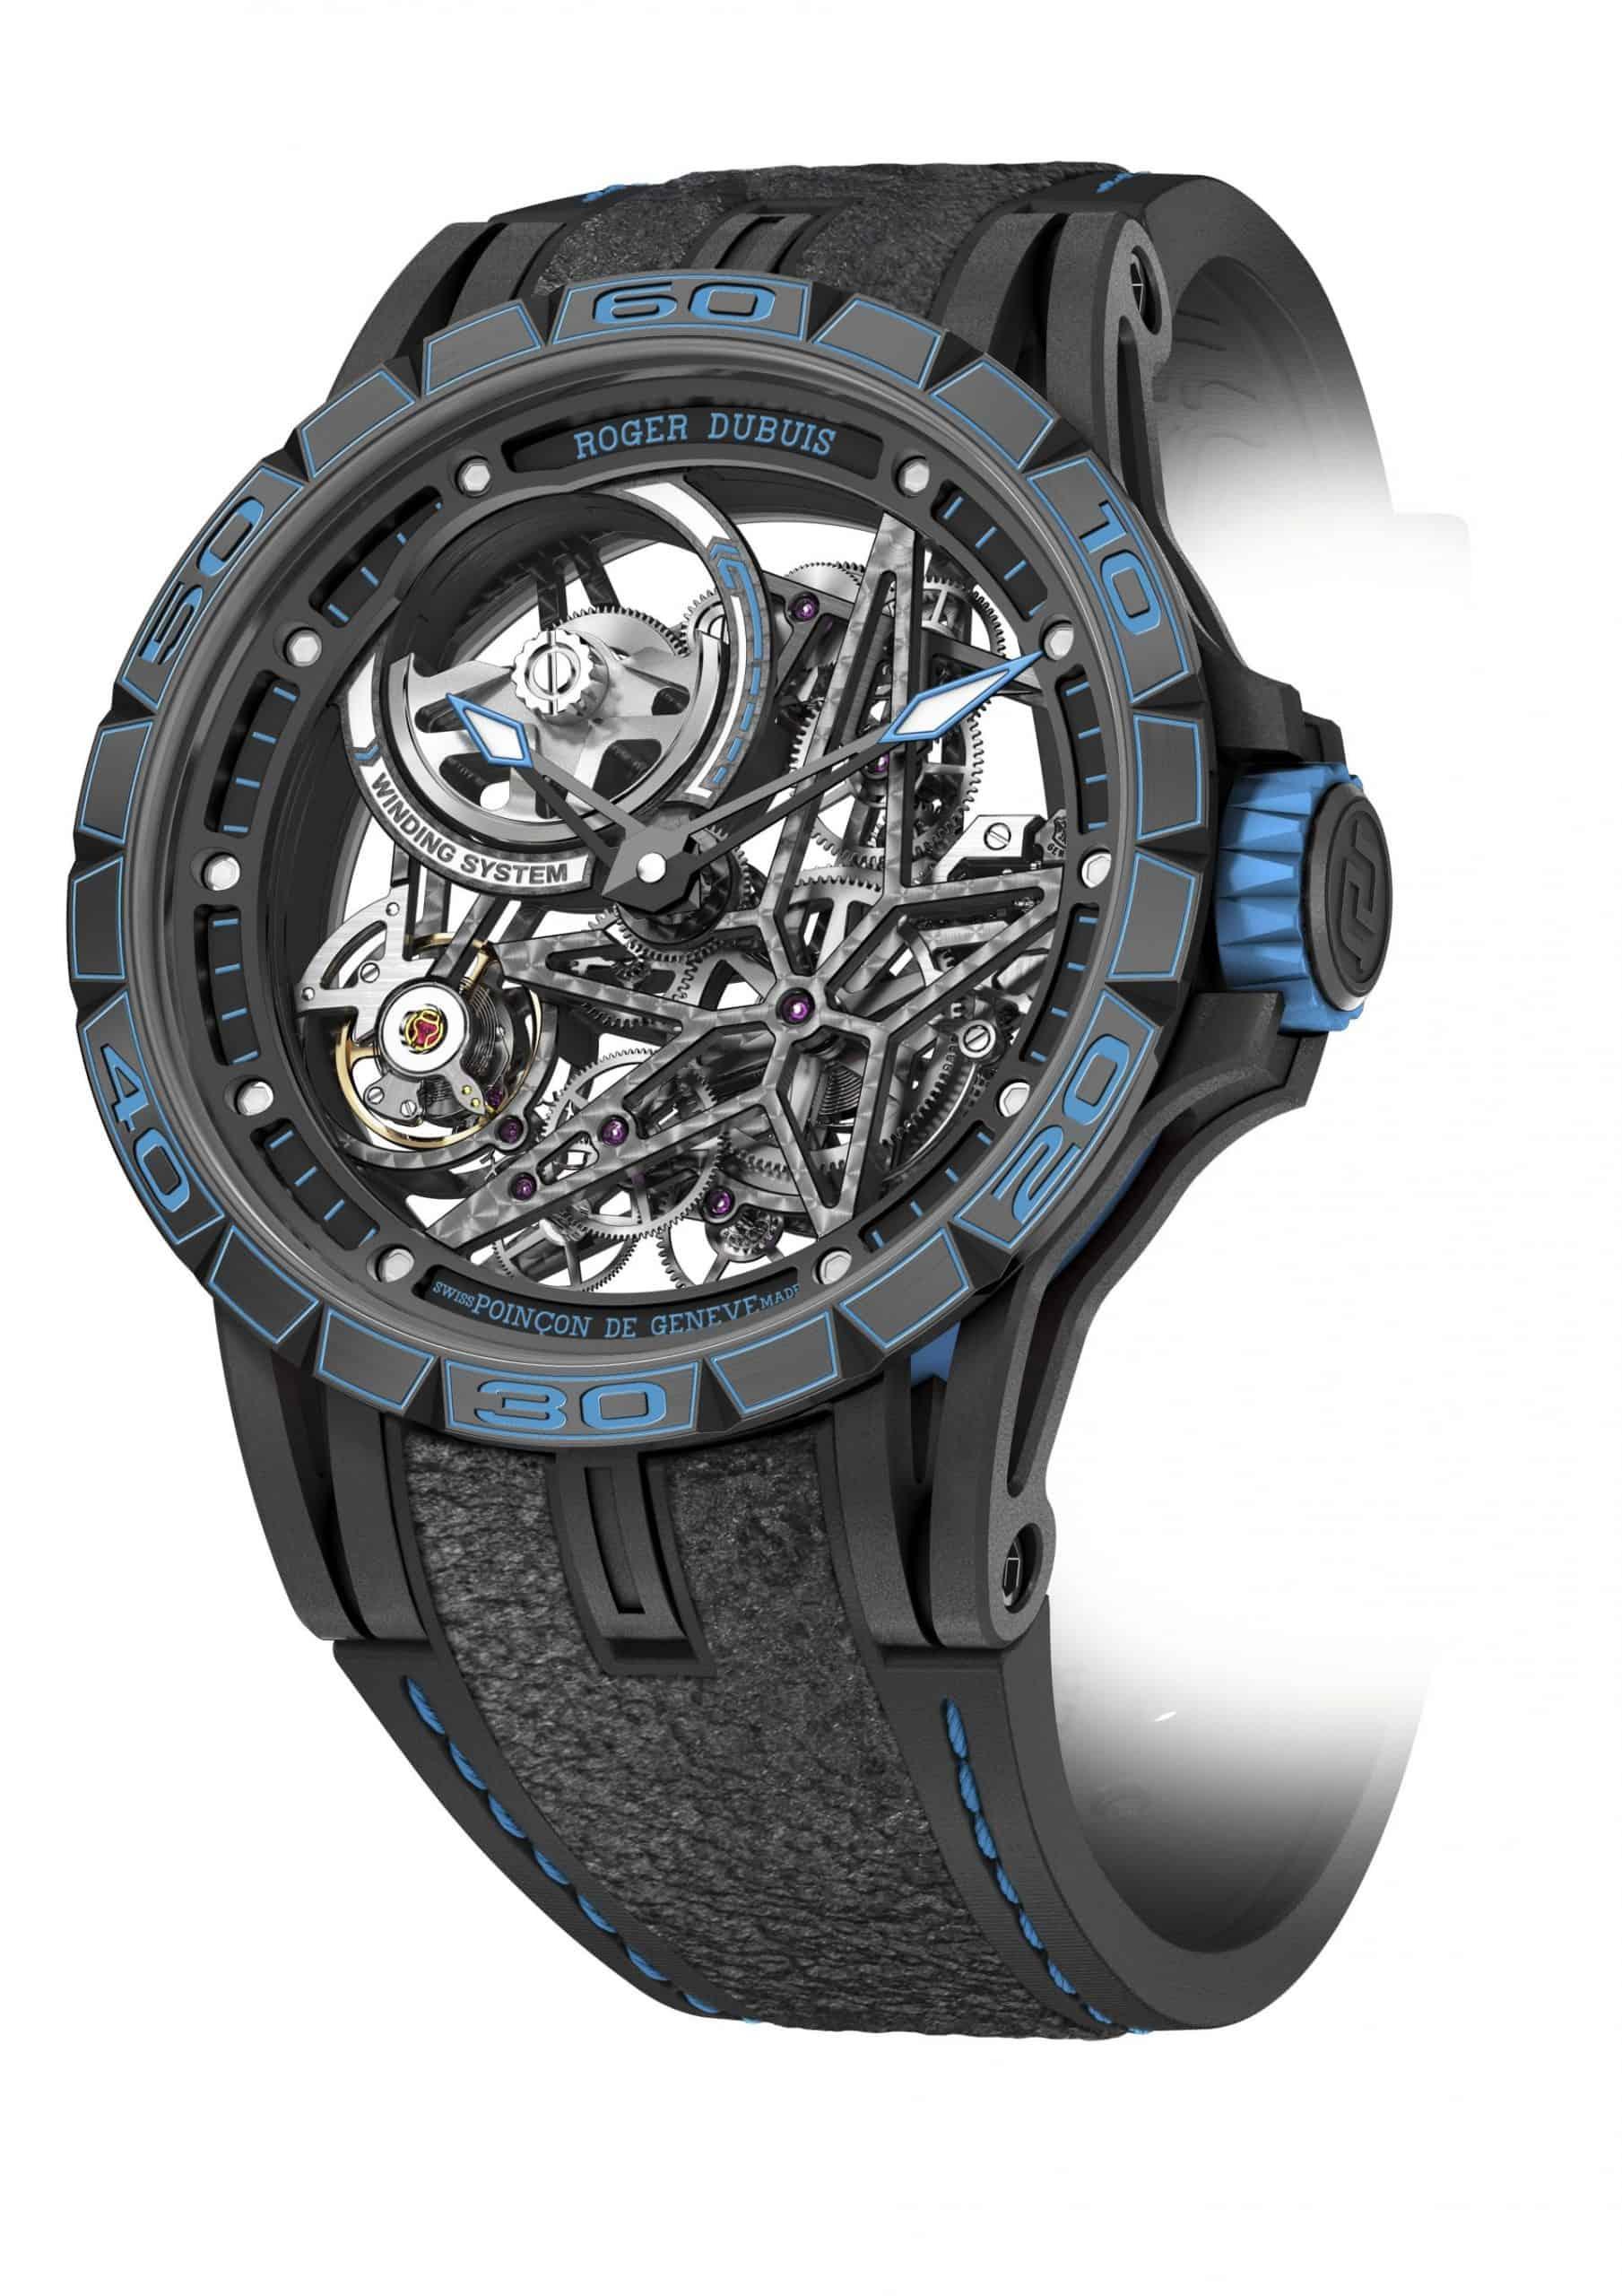 Ein gewichtsoptimiertes, skelettiertes Uhrwerk von Roger Dubuis und ein Armband mit echtem F1-Kautschuk von Pirelli!